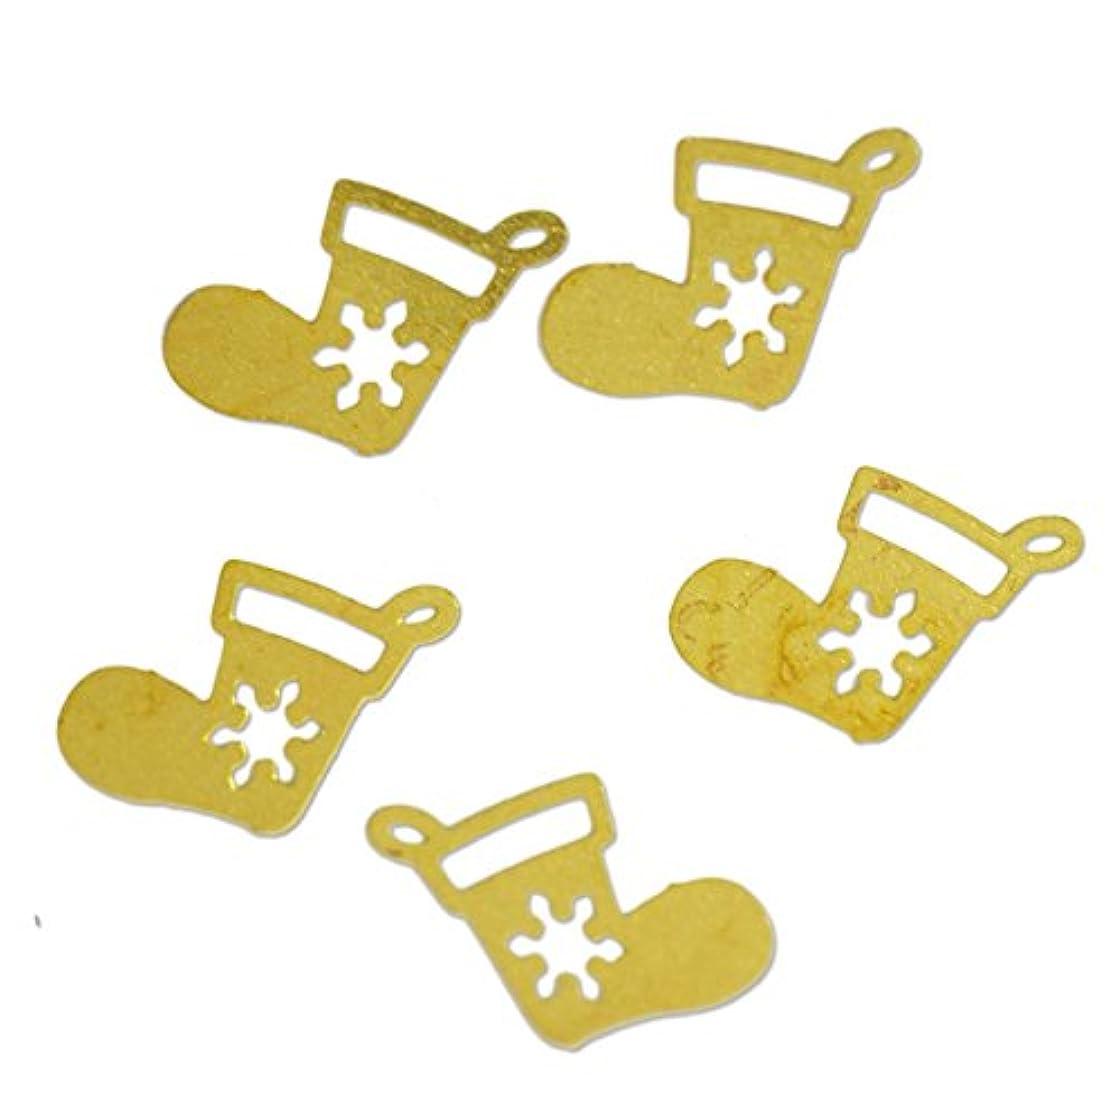 会計士損失陰謀薄型メタルパーツ10042 クリスマスブーツ 長靴 くつした 7×6mm ゴールド 20p入り